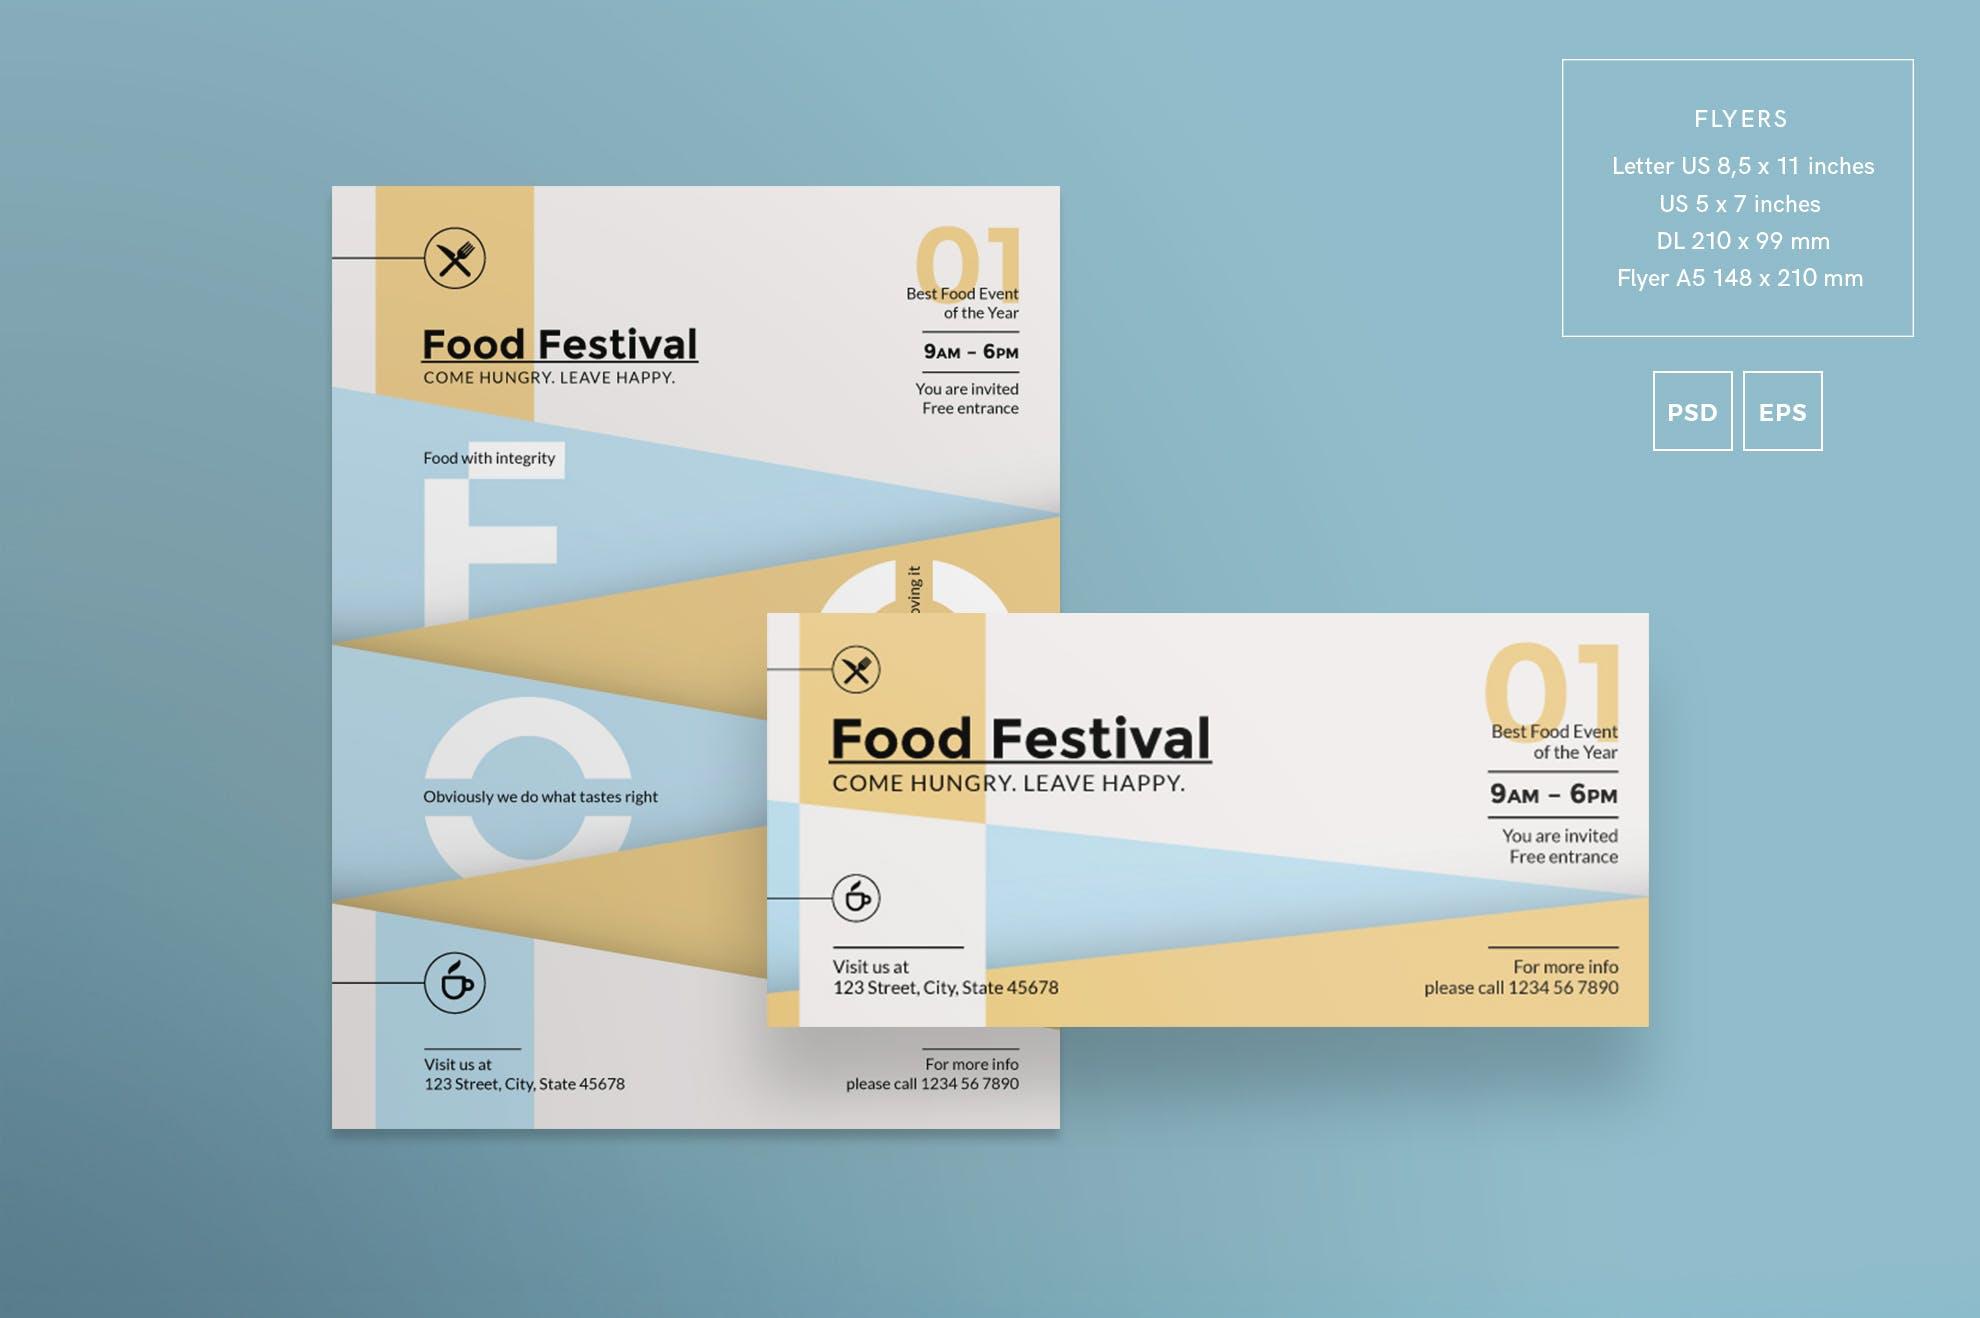 美食节传单和海报模板Food Festival Flyer and Poster Template插图(1)